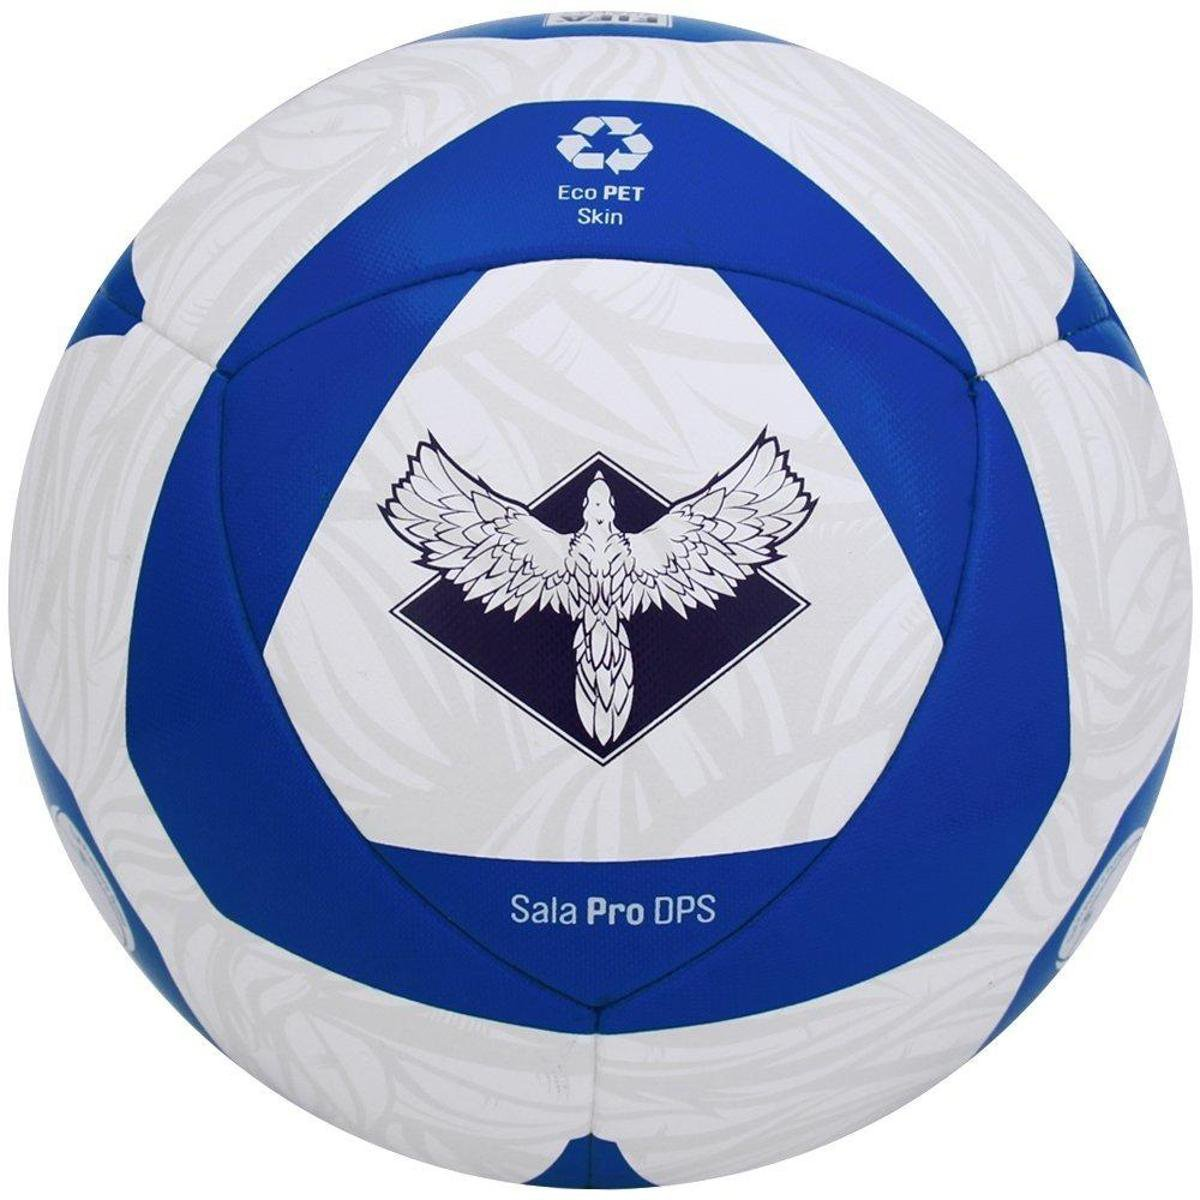 Bola Umbro Futsal Sala Pro DPS - Compre Agora  1ee258ddd6b71